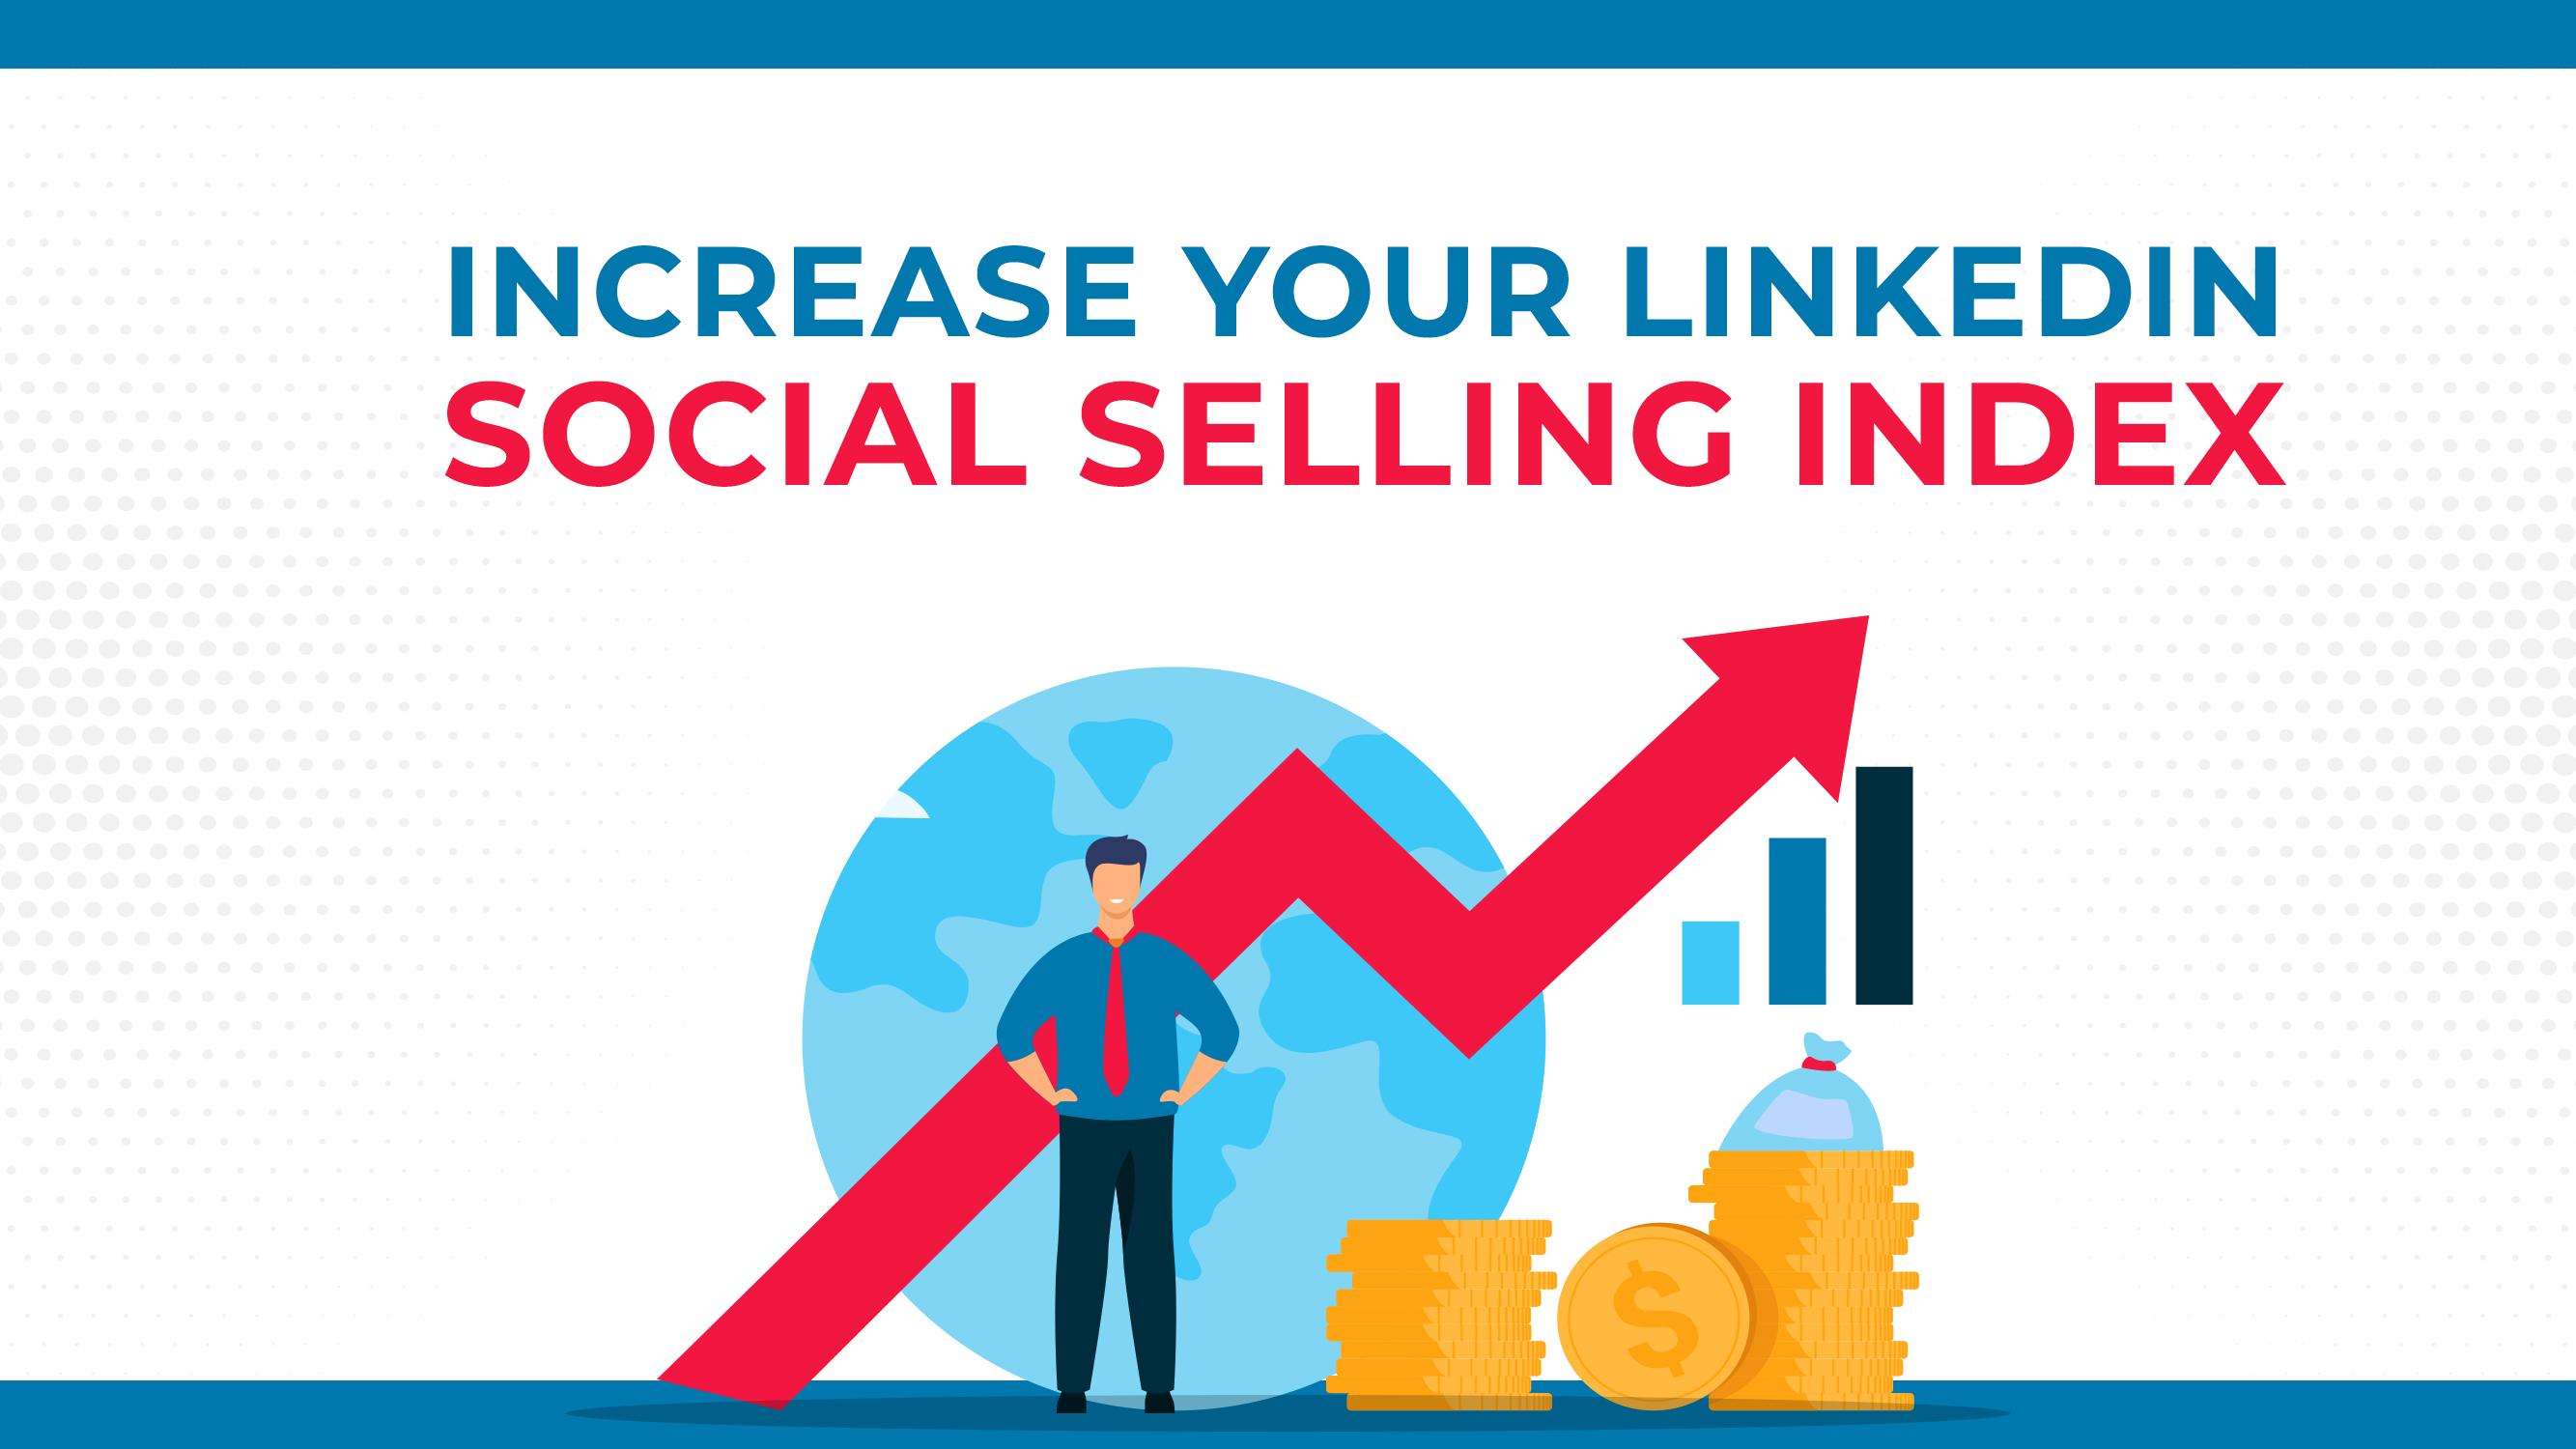 Augmentez votre indice de vente sociale LinkedIn